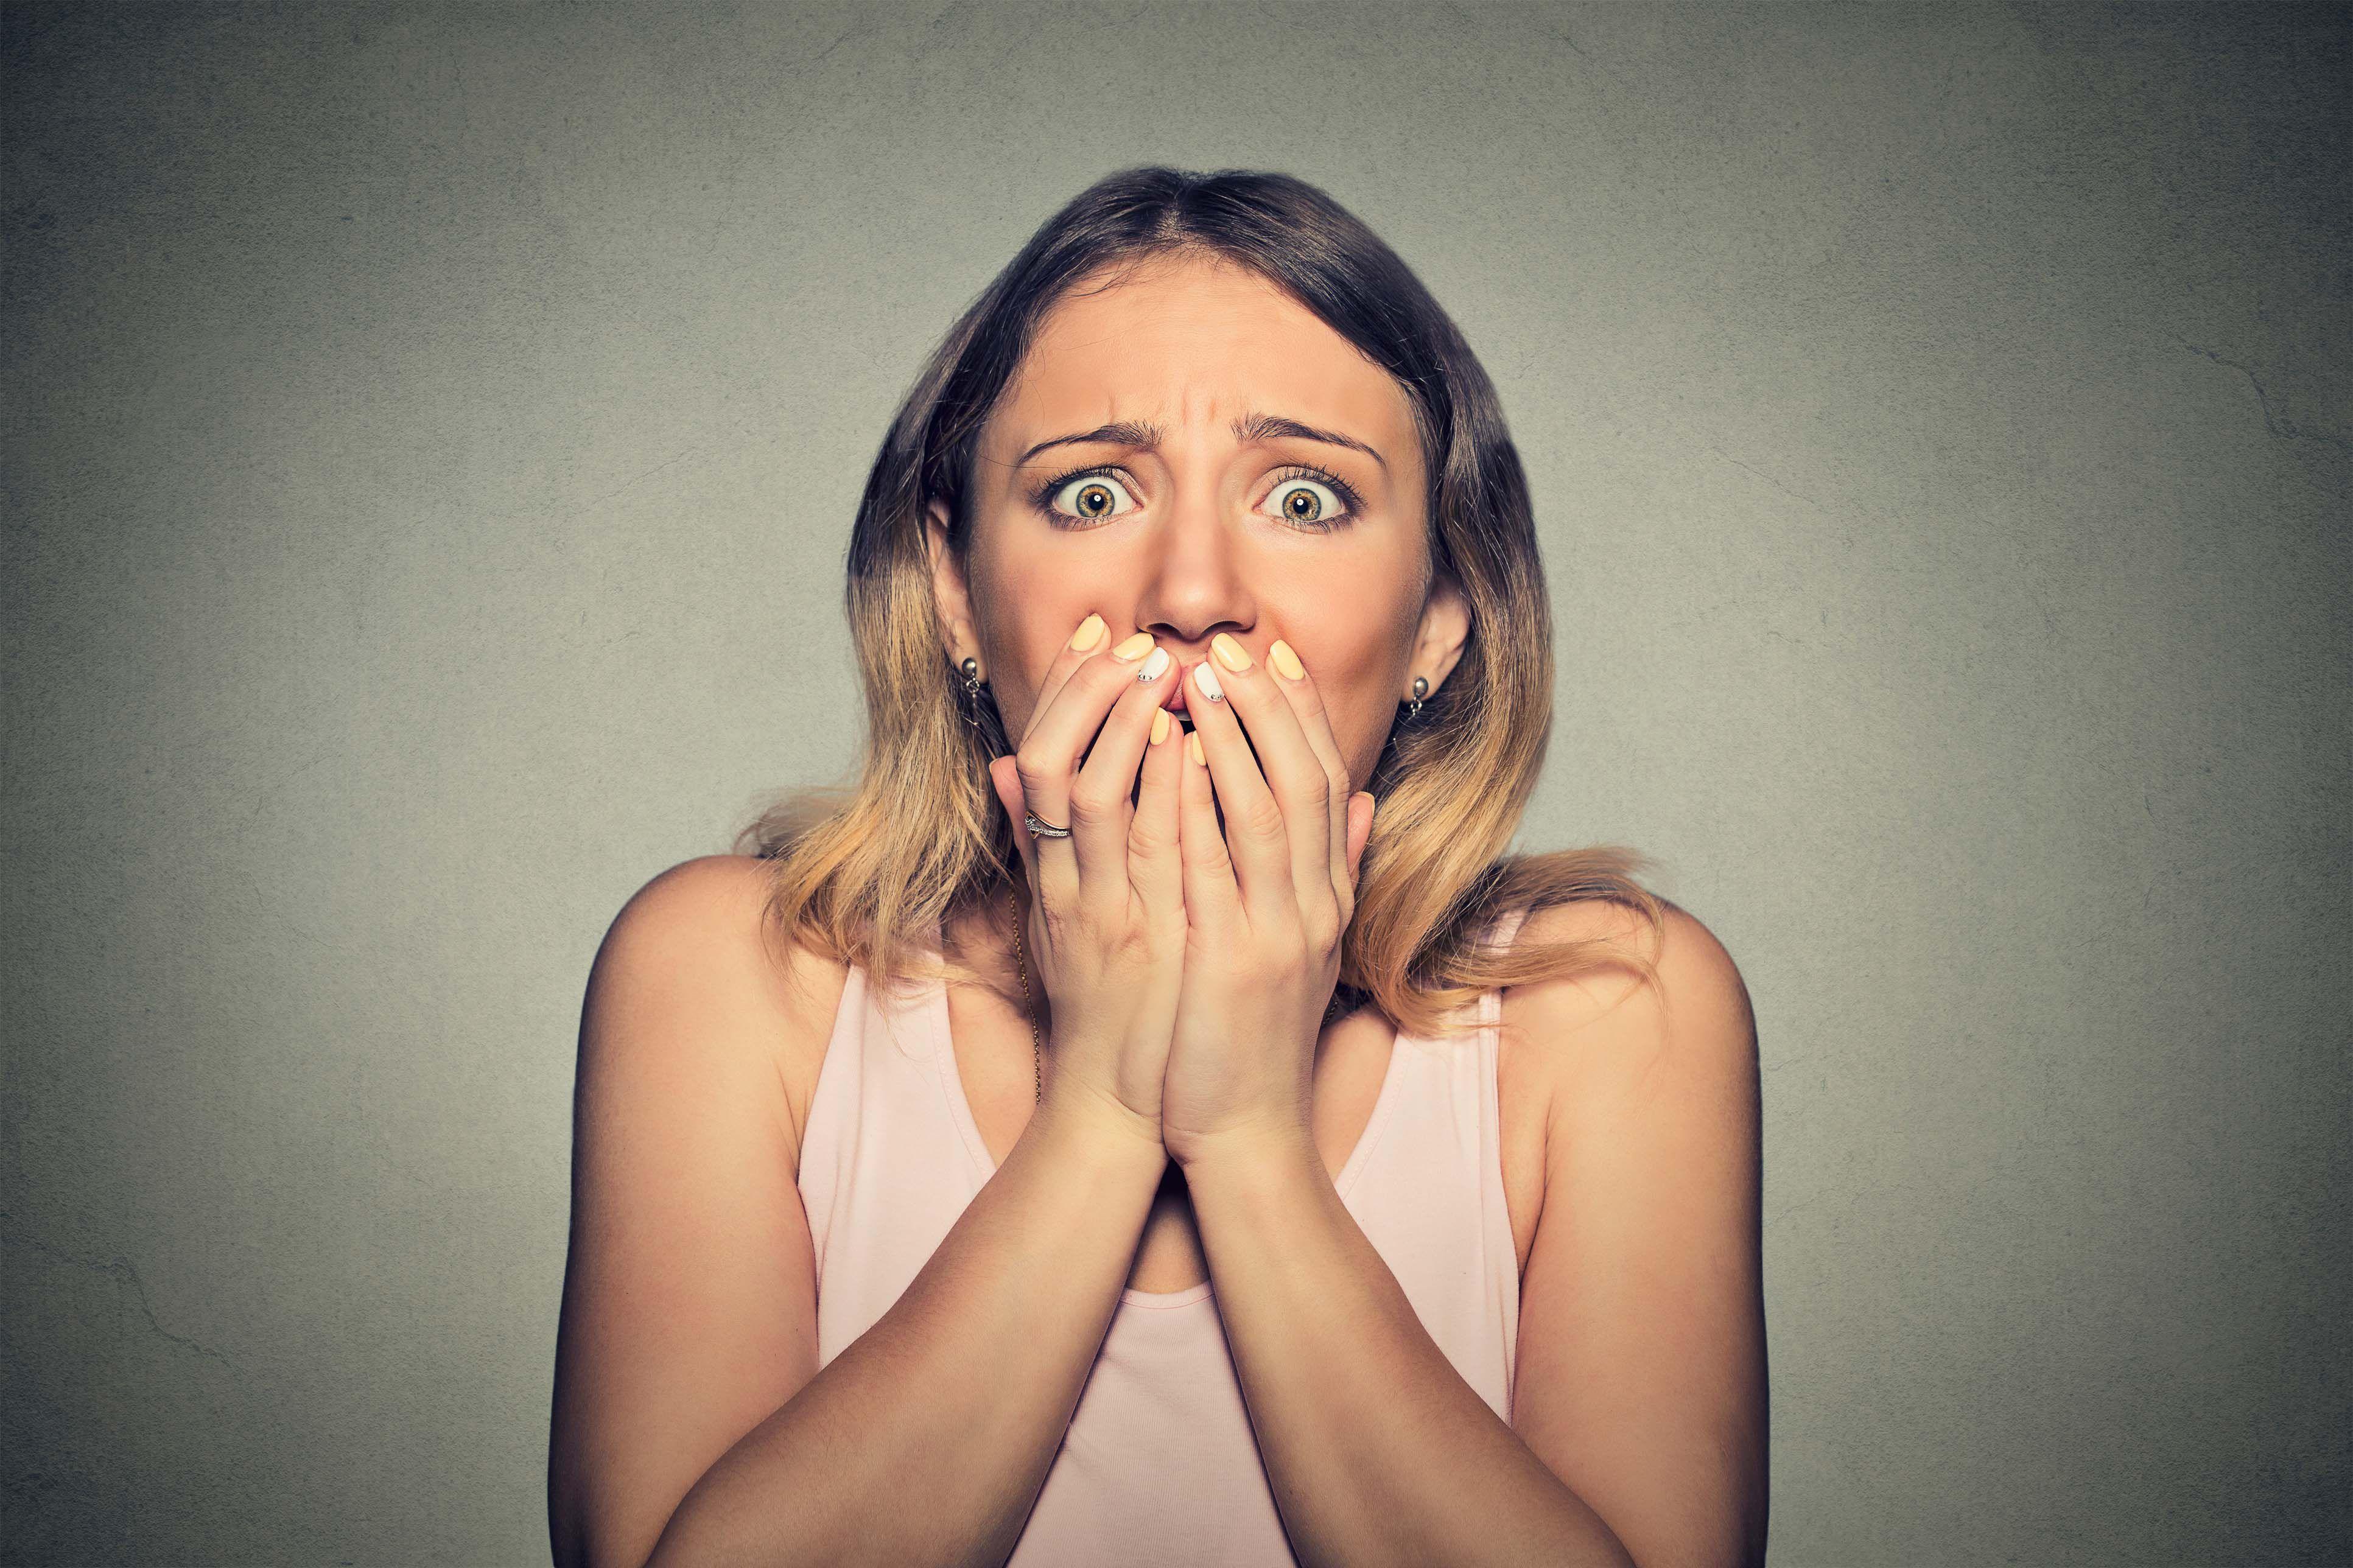 Страх - что такое? как преодолеть? степени и виды страха